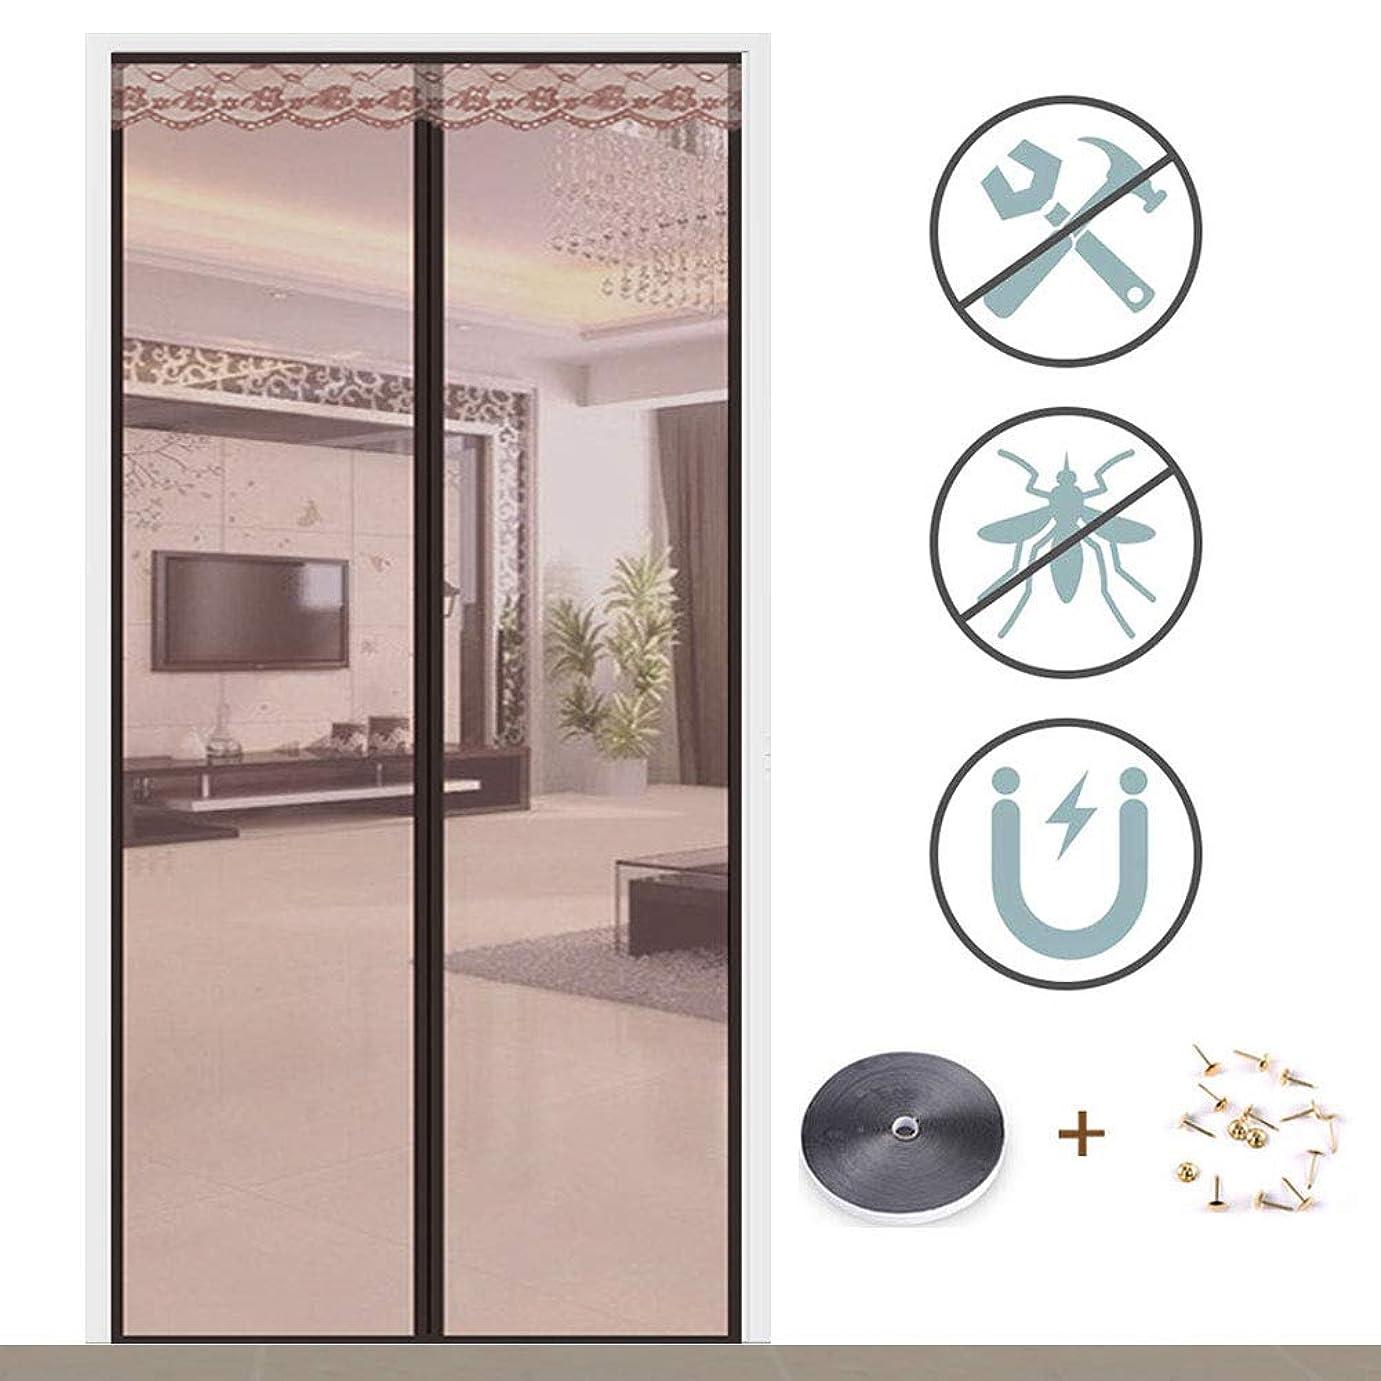 おとこコンドーム結核網戸カーテン マグネット開閉式 玄関 ドア 勝手口 自然の風を通し、出入りもスムーズな全開式玄関網戸,ドア/ベランダ/玄関/勝手口,Brown,120x230cm